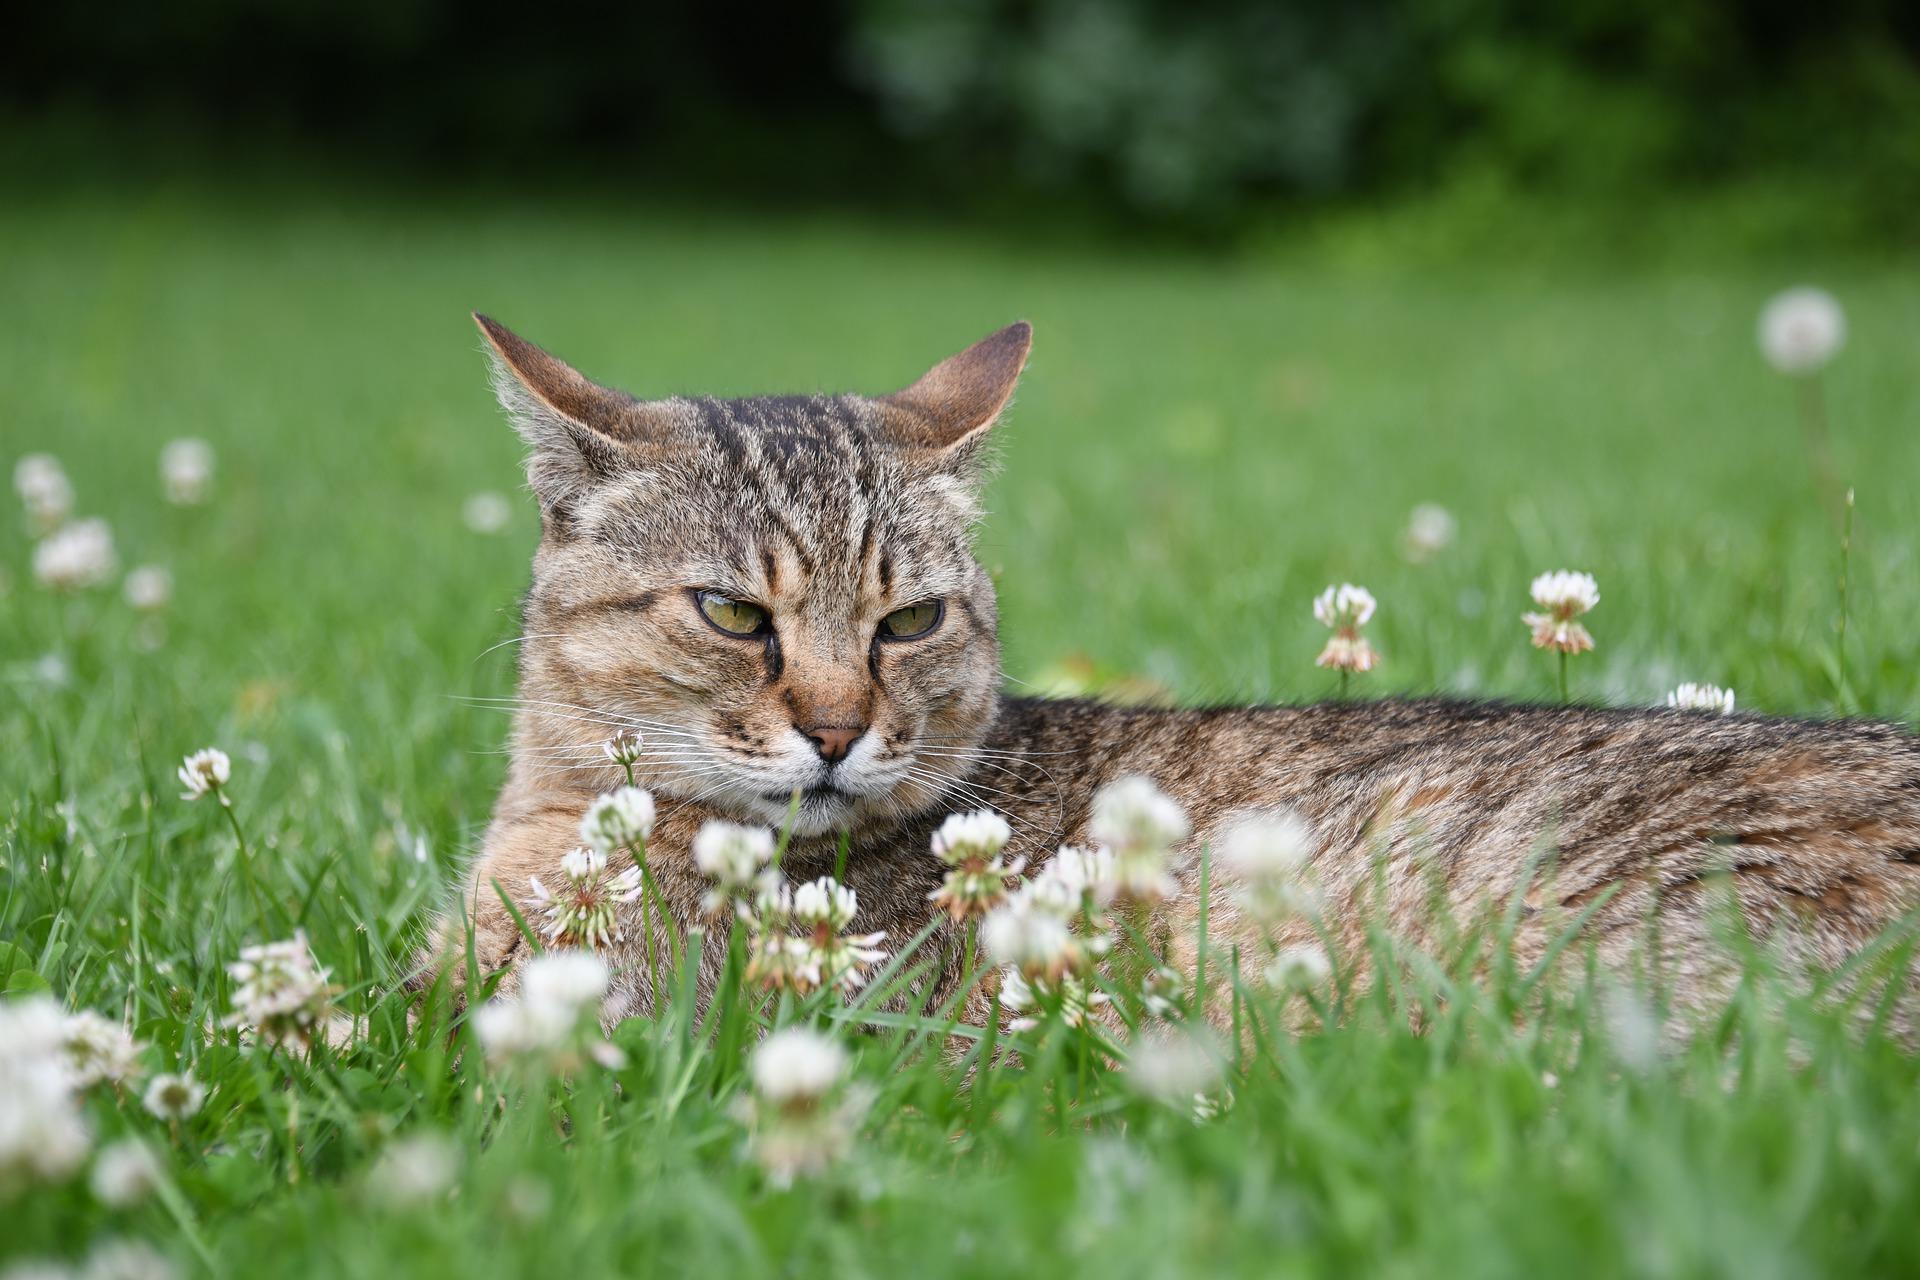 Agresywny kot to nie lada problem. Po pomoc w złagodzeniu złego zachowania warto udać się do weterynarza lub behawiorysty.